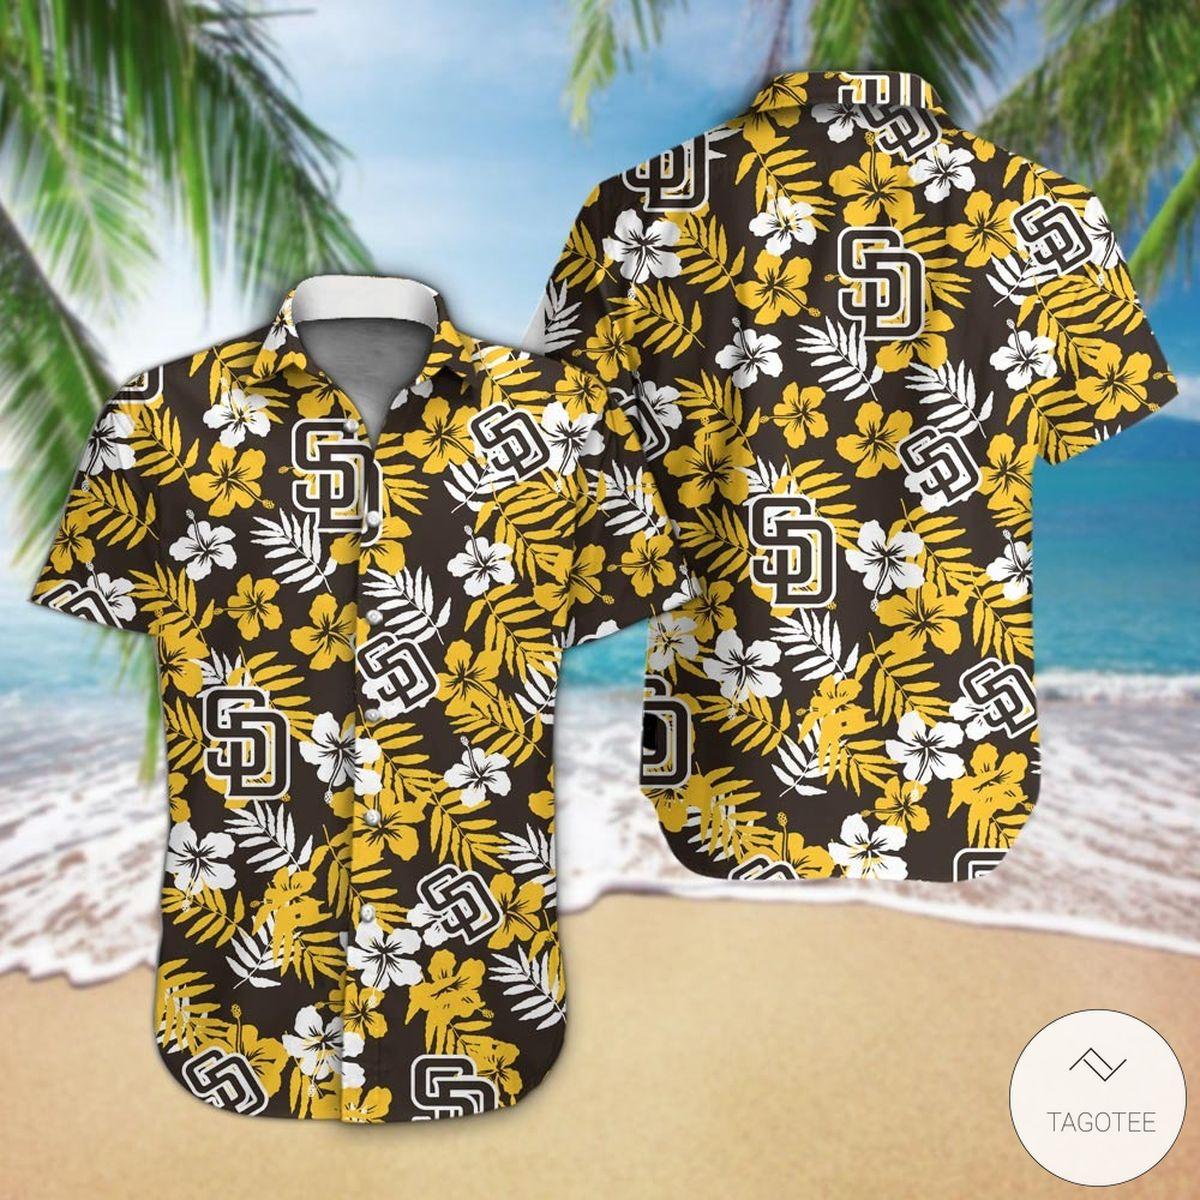 San Diego Padres Hawaiian Shirt